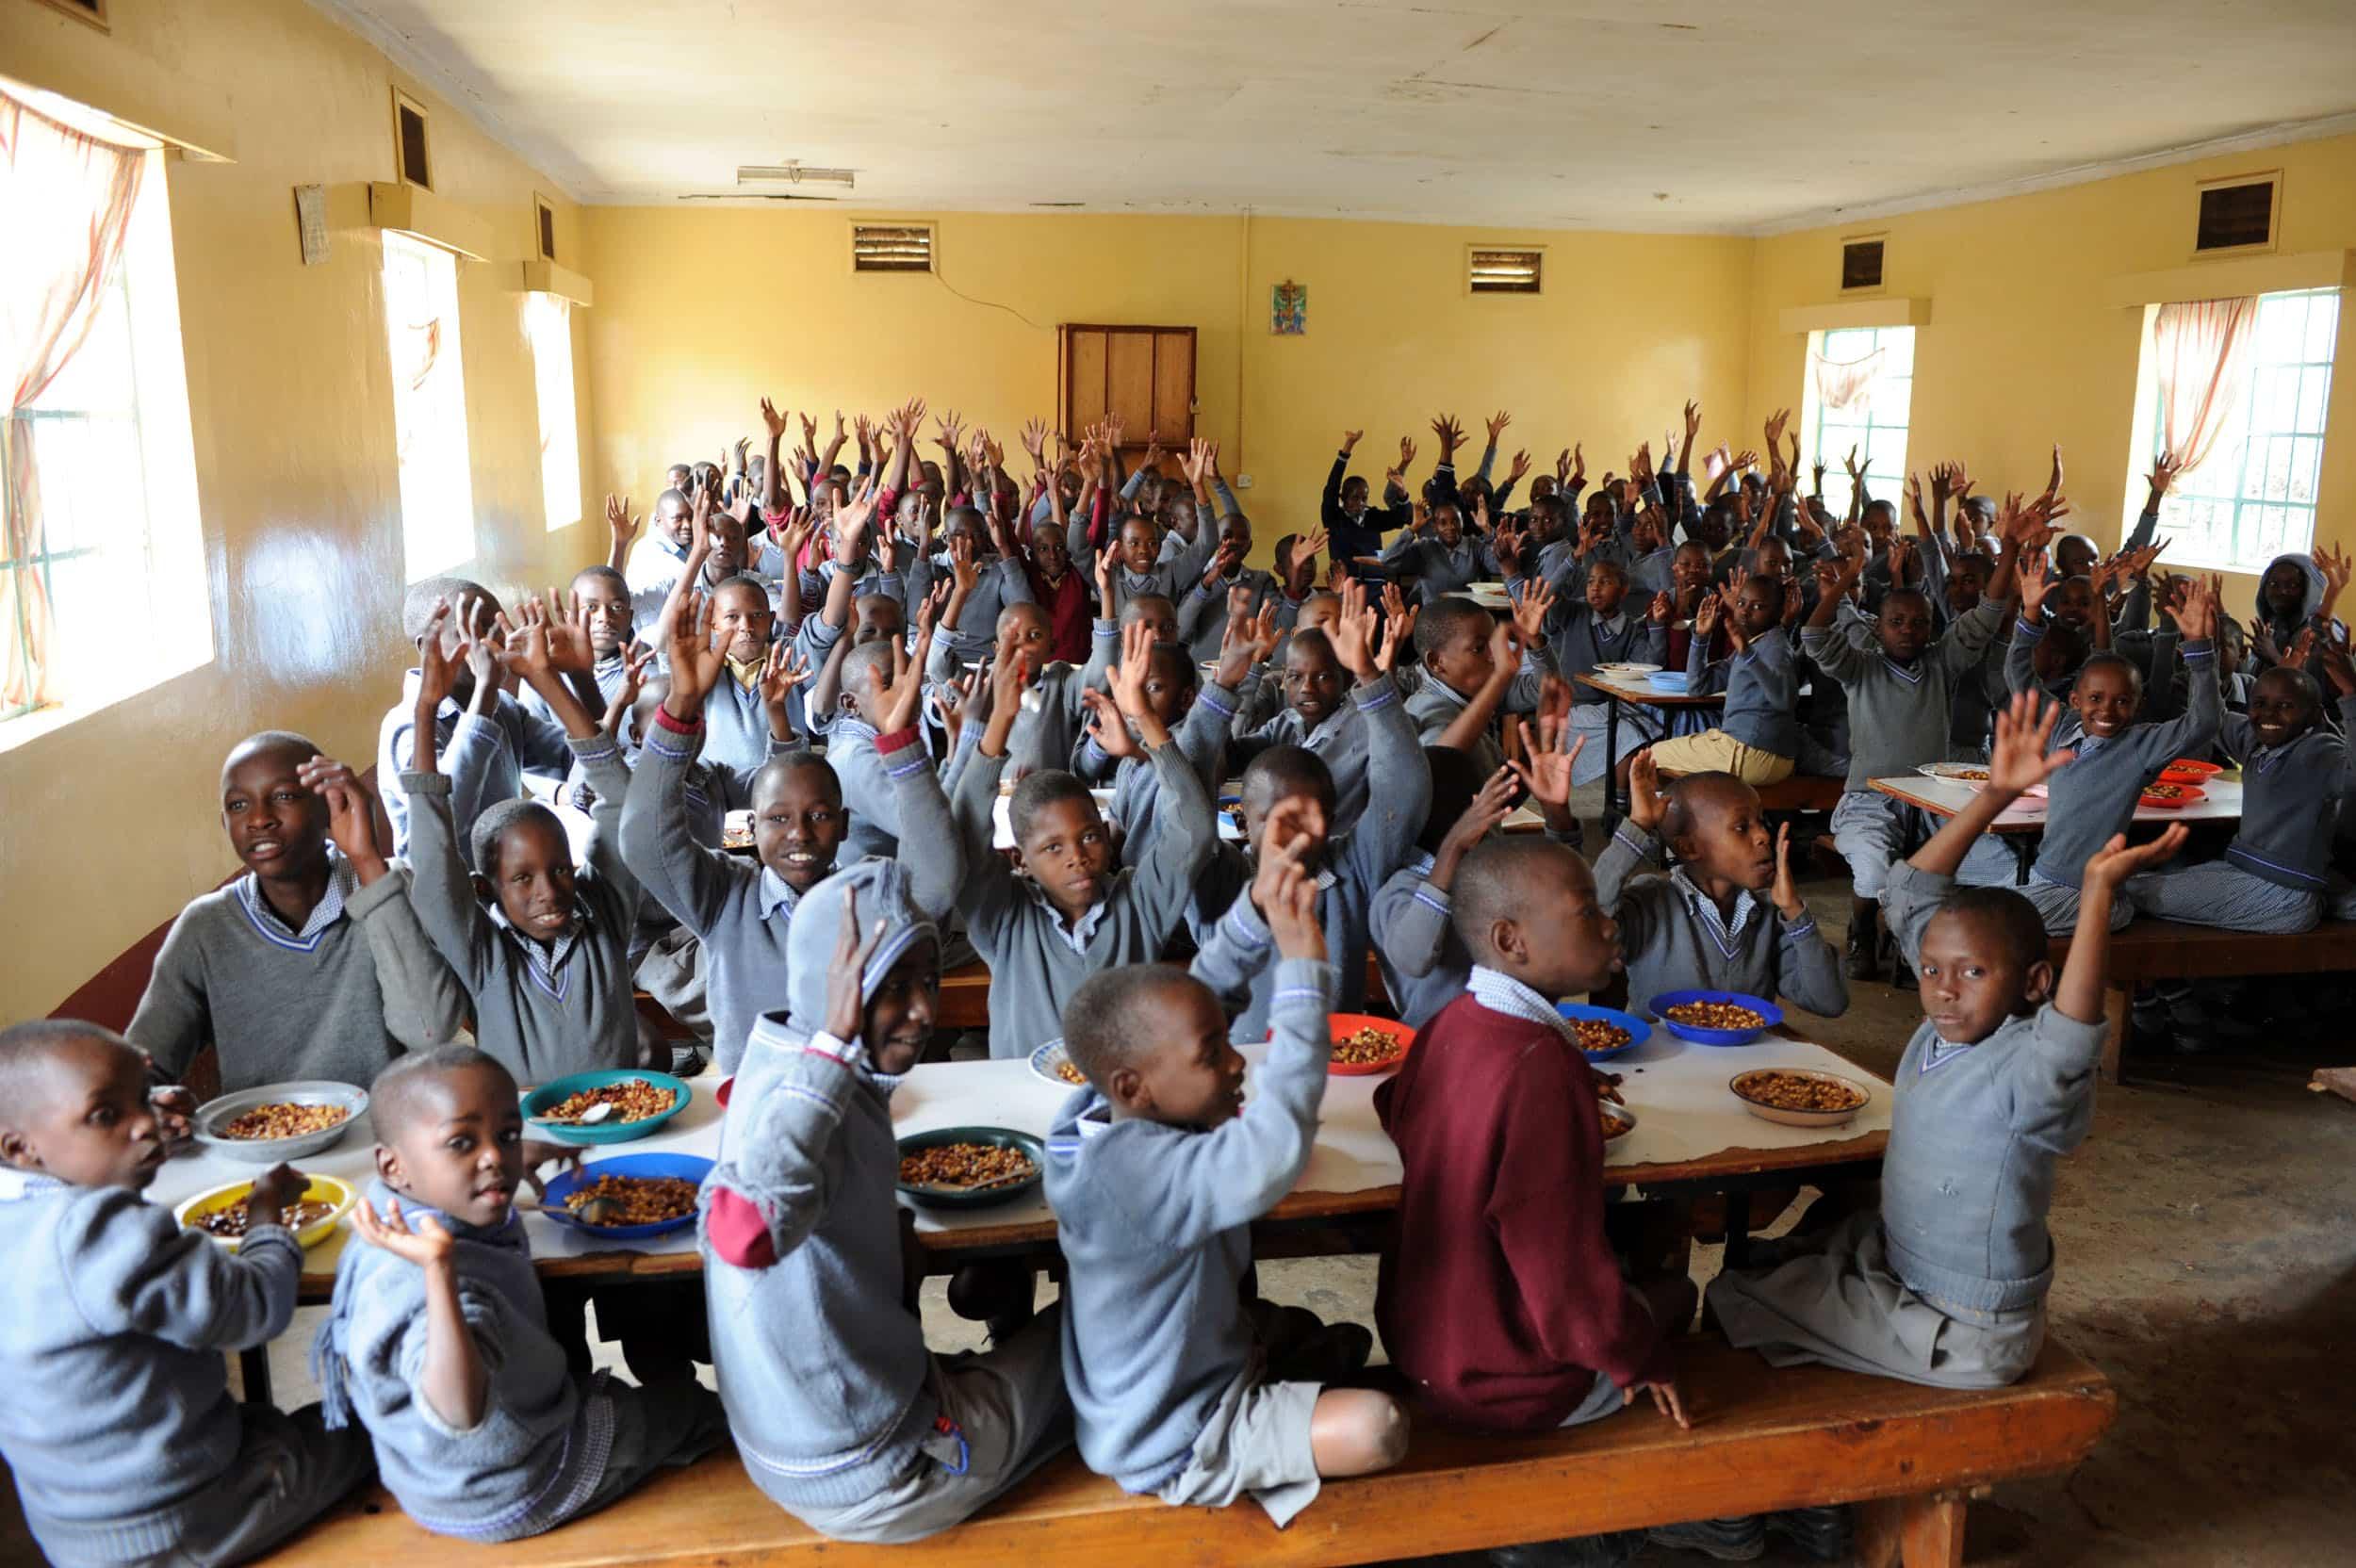 Escuela primaria para Niños Marginados en Pretoria